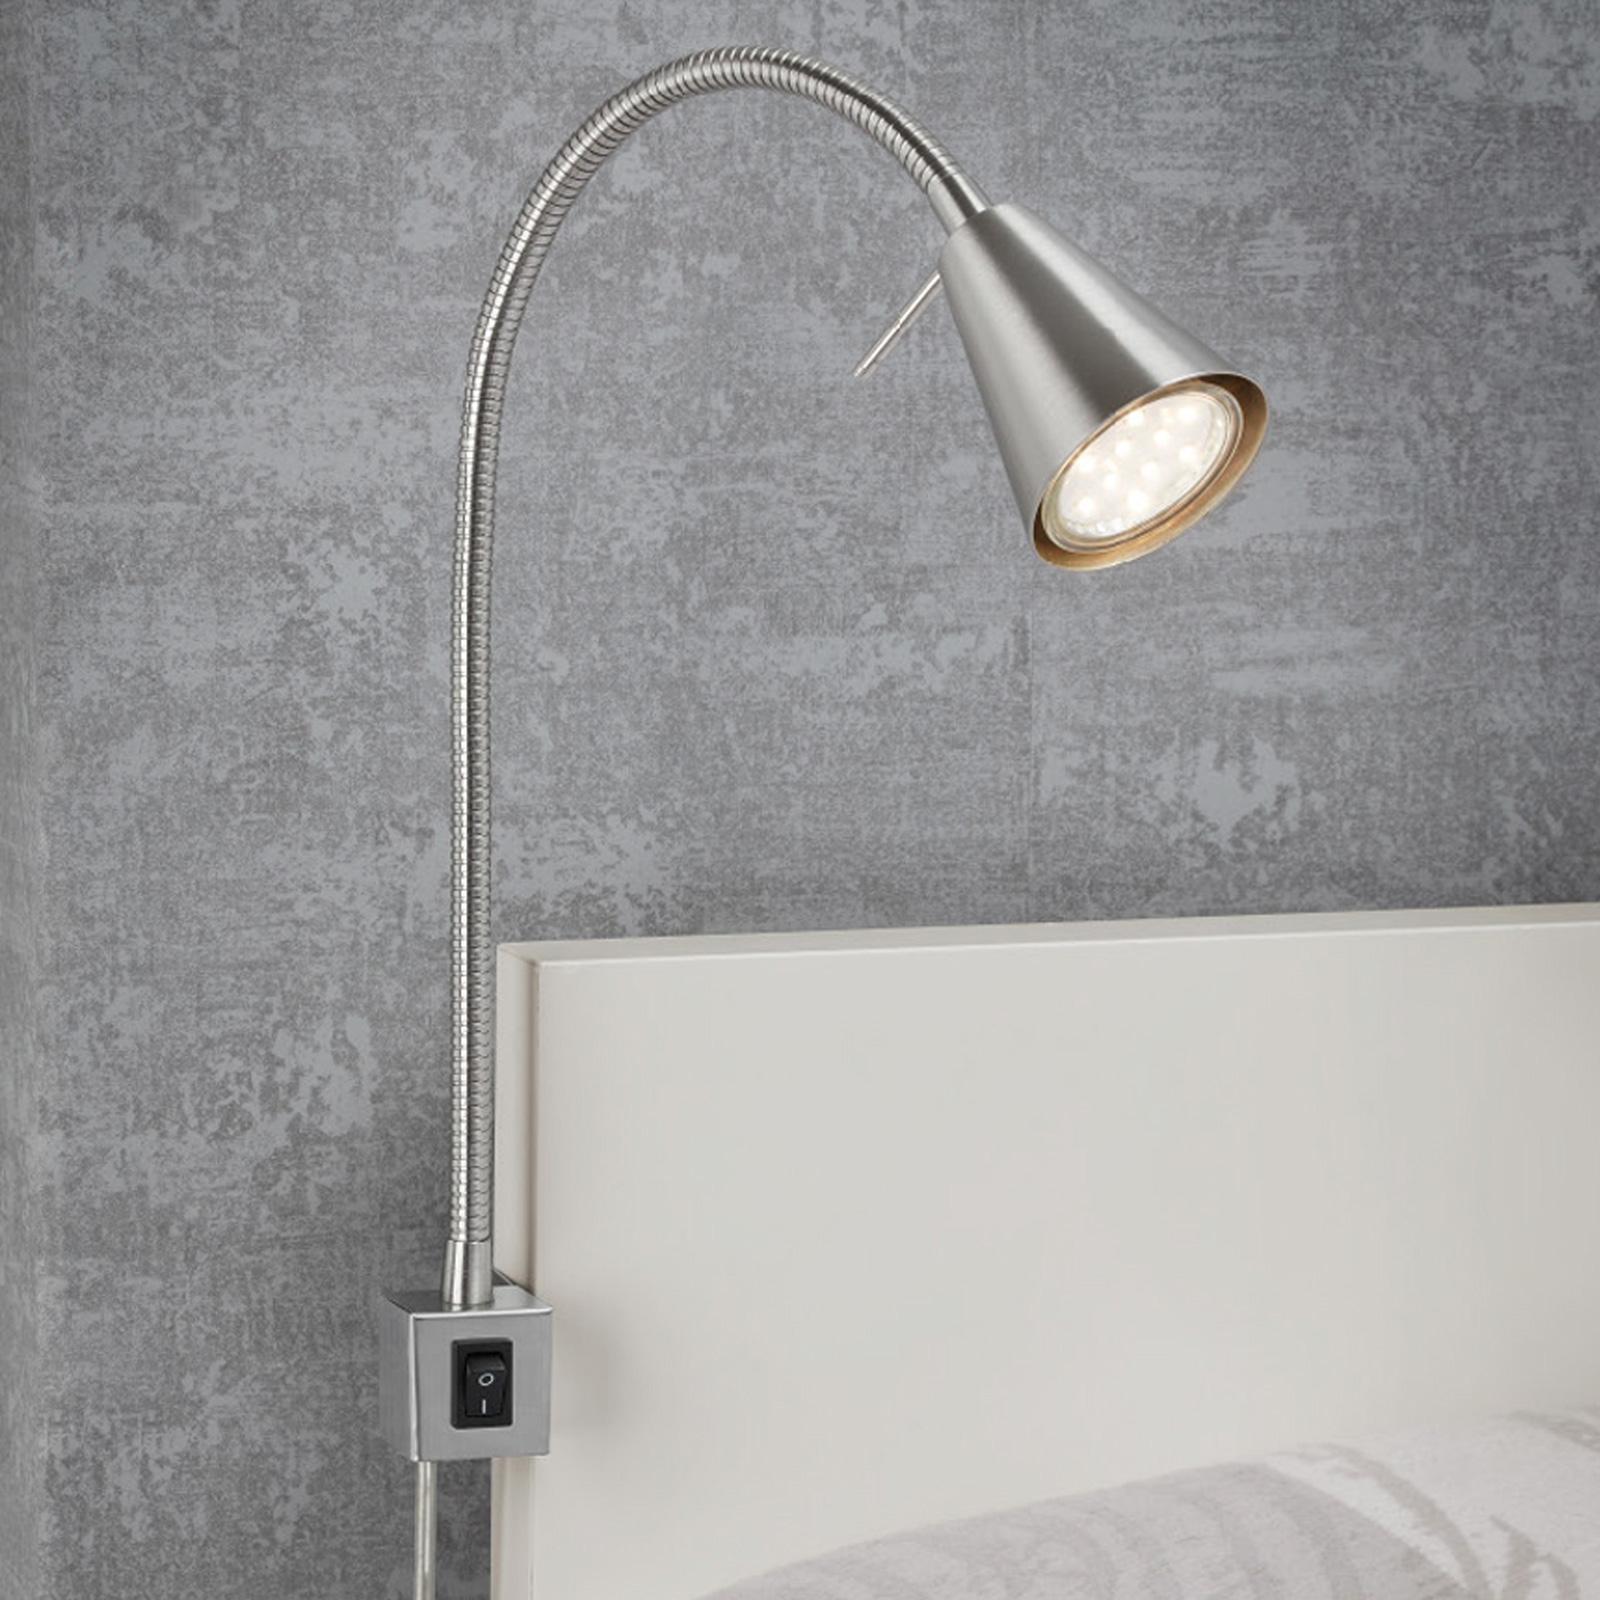 LED-Wandlampe 2080 zur Montage am Bett, nickel